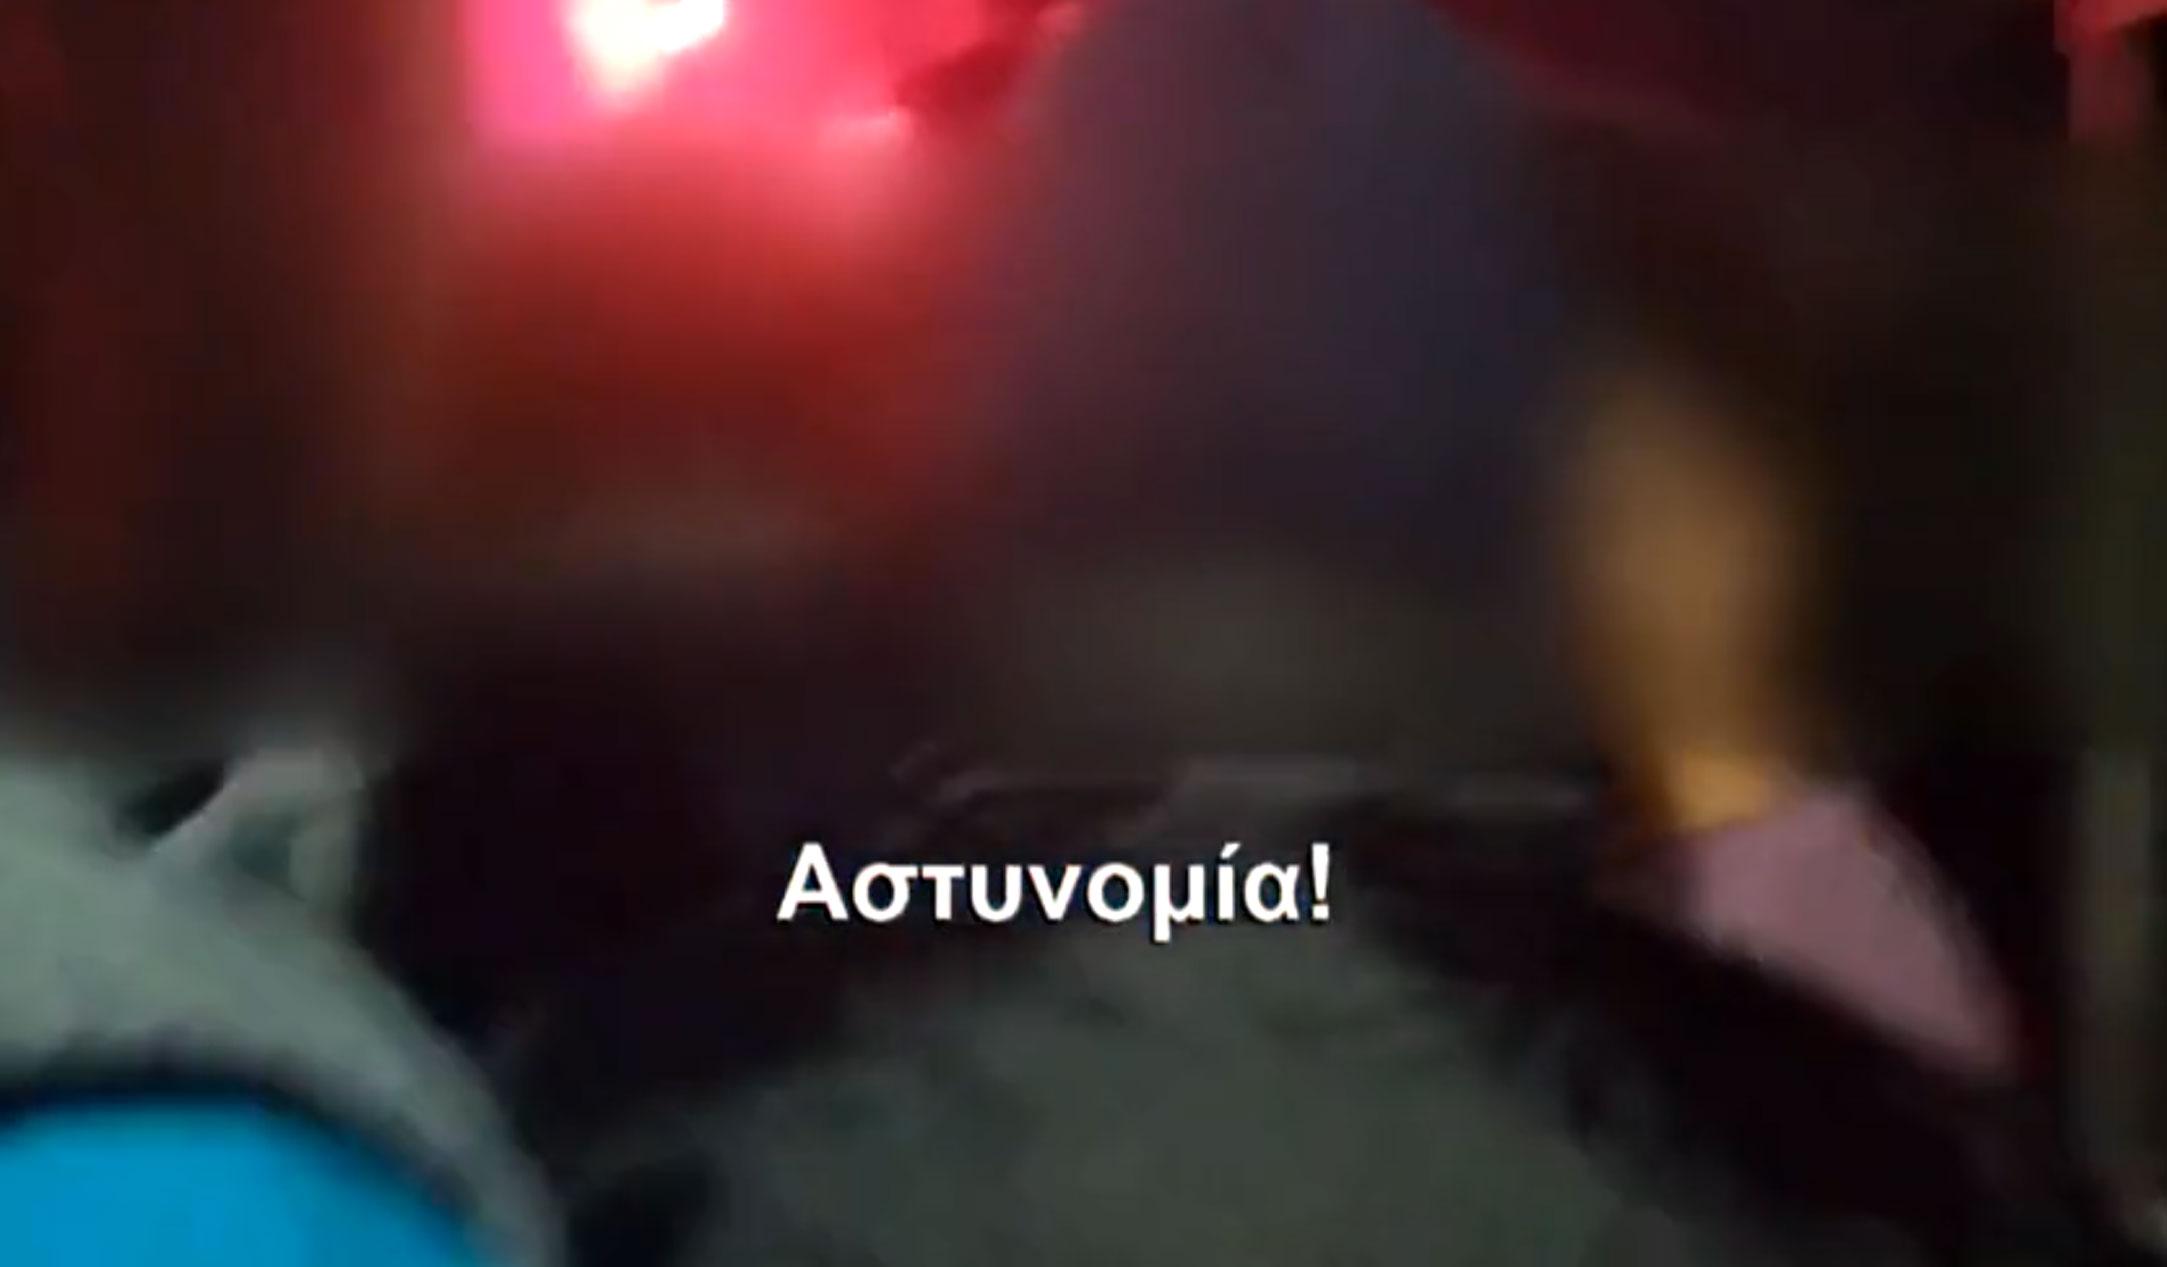 """Η στιγμή της εισβολής σε νυχτερινό κέντρο στο Γκάζι! """"Όλοι κάτω! Αστυνομία! Μείνε όπως είσαι"""""""